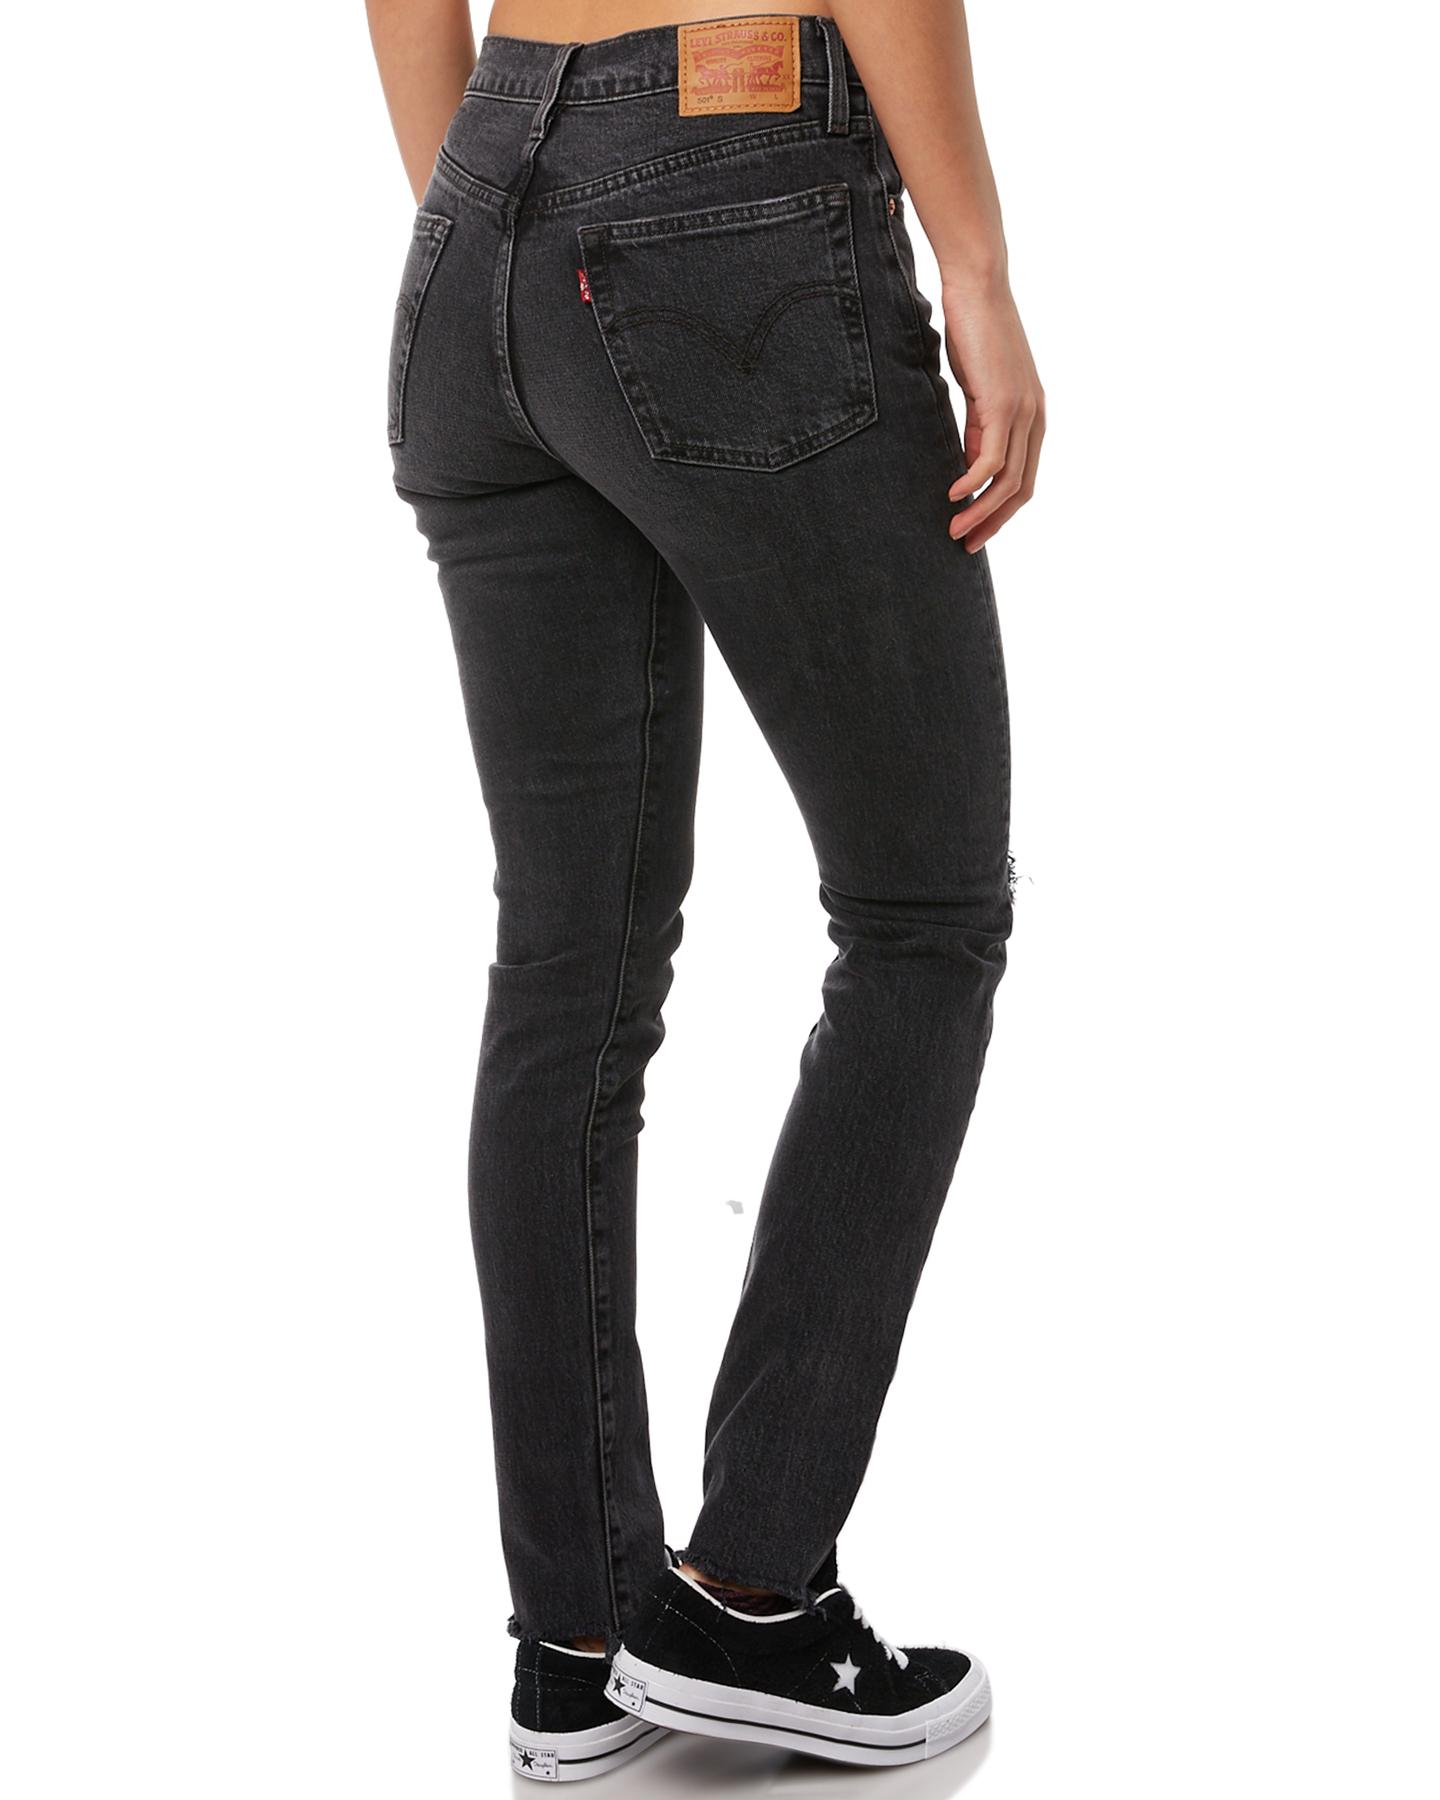 Womens 501 Levis Jeans